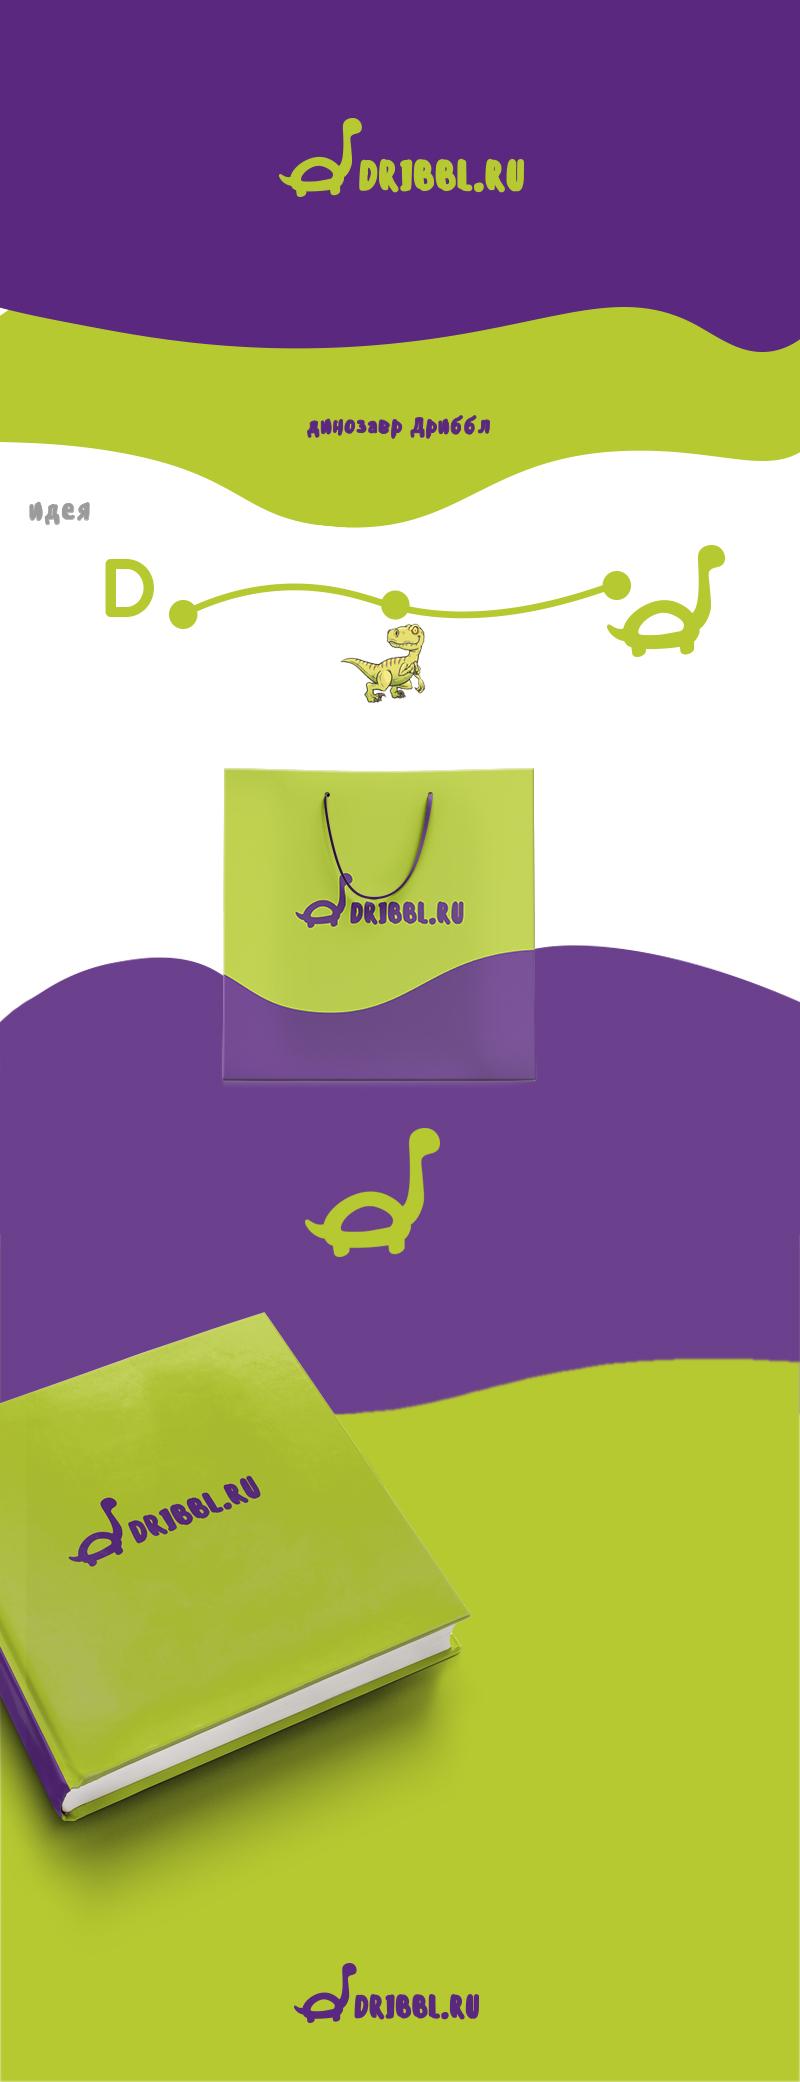 Разработка логотипа для сайта Dribbl.ru фото f_8285a9e4caf94d4c.jpg